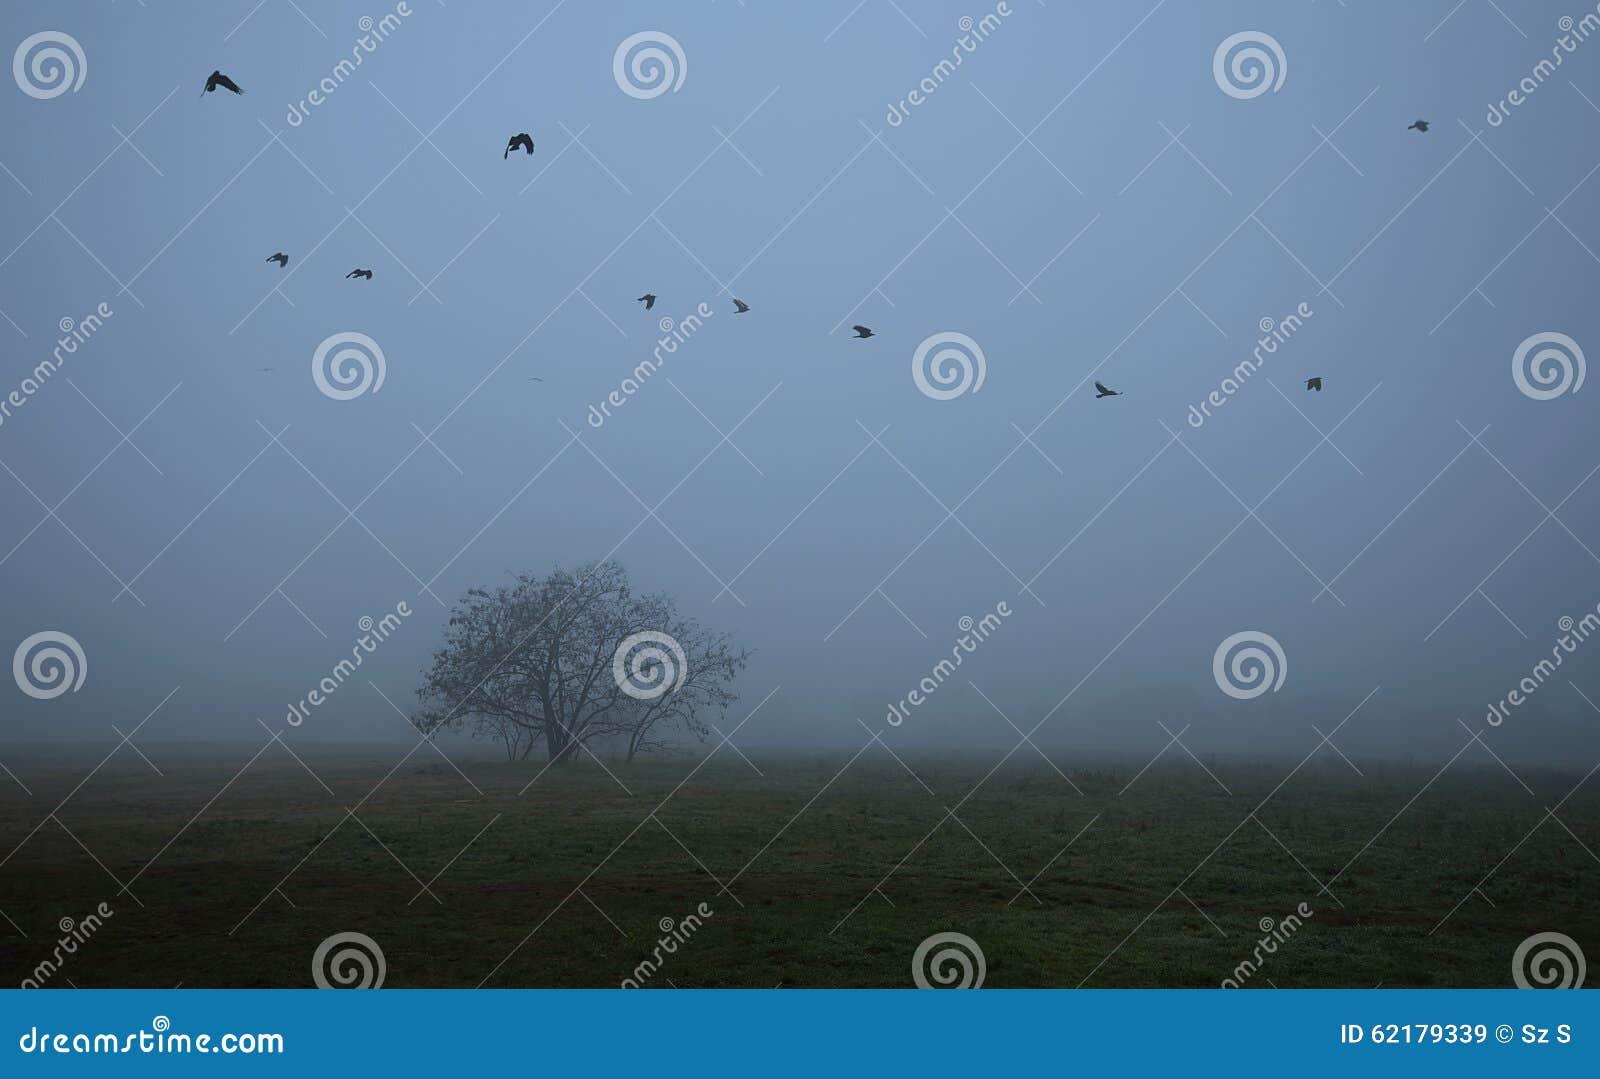 Παλαιό δέντρο στον τομέα μια ομιχλώδης ημέρα